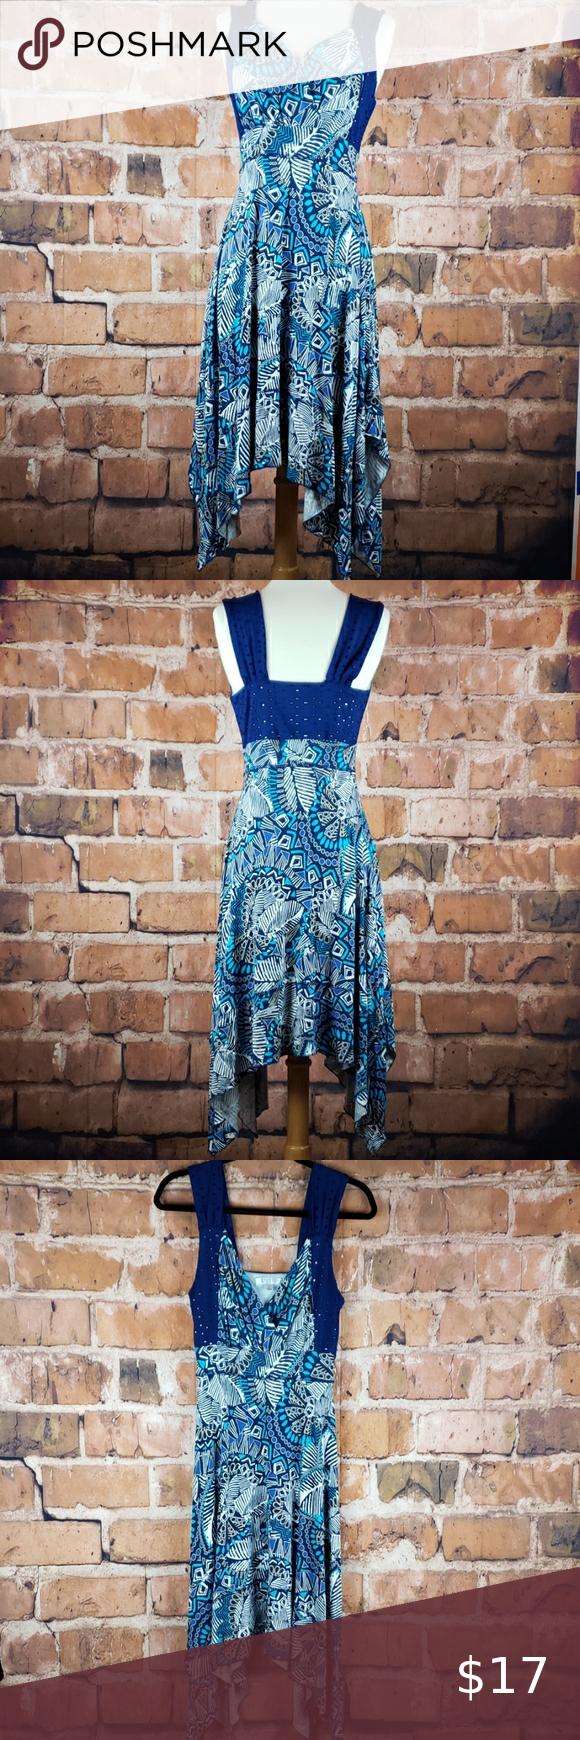 Spense Summer Dress Summer Dresses Dress Size Chart Women Sleeveless Wrap Dress [ 1740 x 580 Pixel ]